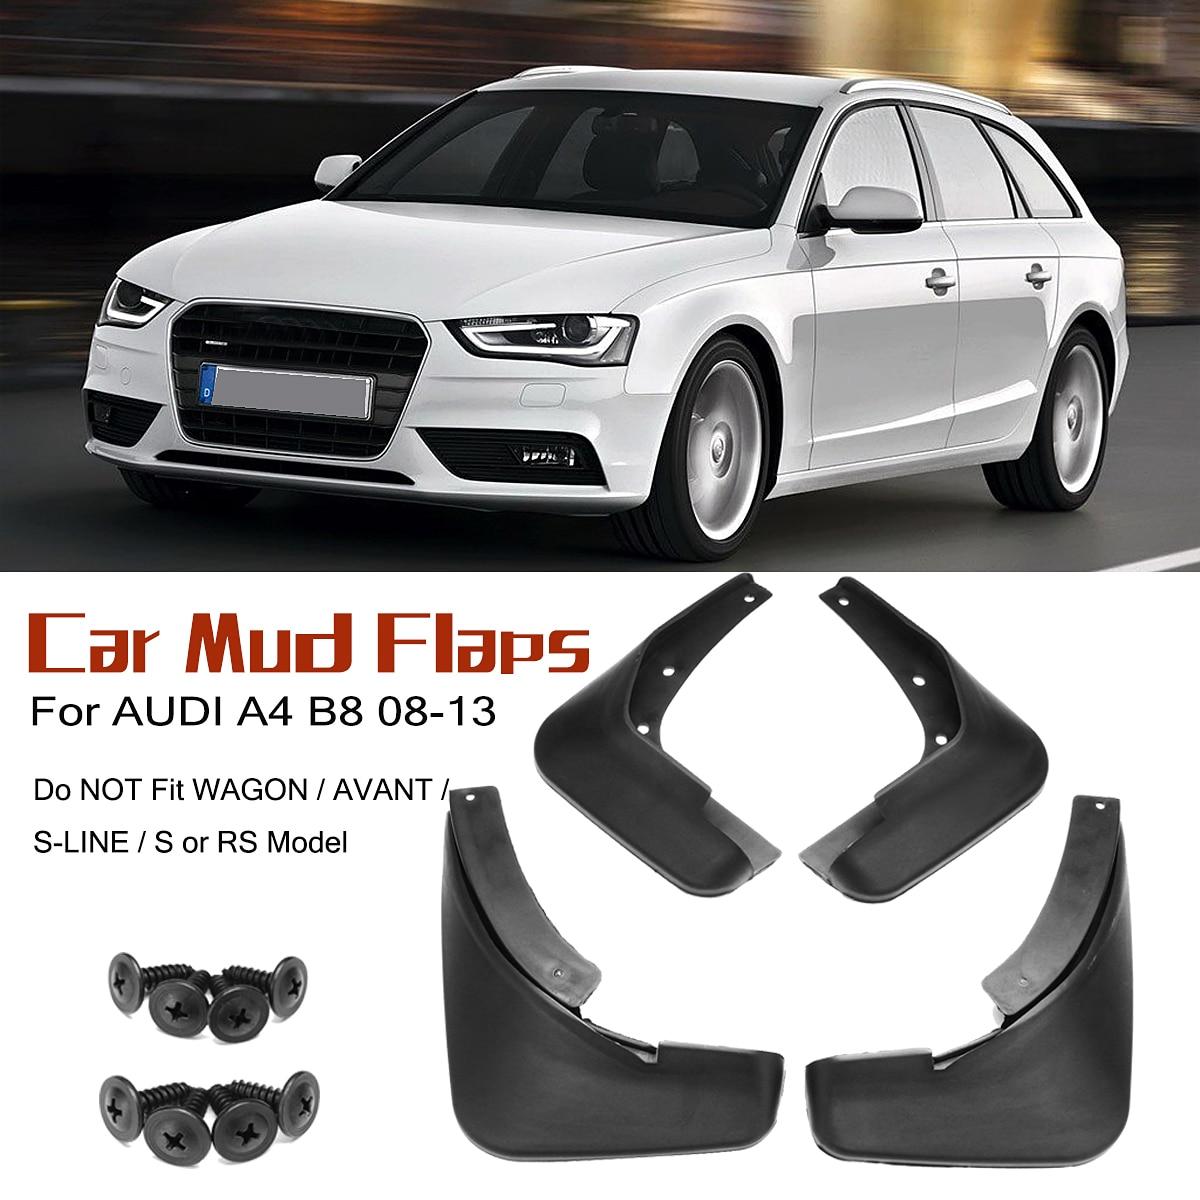 4 pièces de Pare-chocs de Voiture pour Audi A4 B8 2008 2009 2010 2011 2012 2013 garde-boue Garde-Boue Automatique Bavette Garde-Boue Accessoires